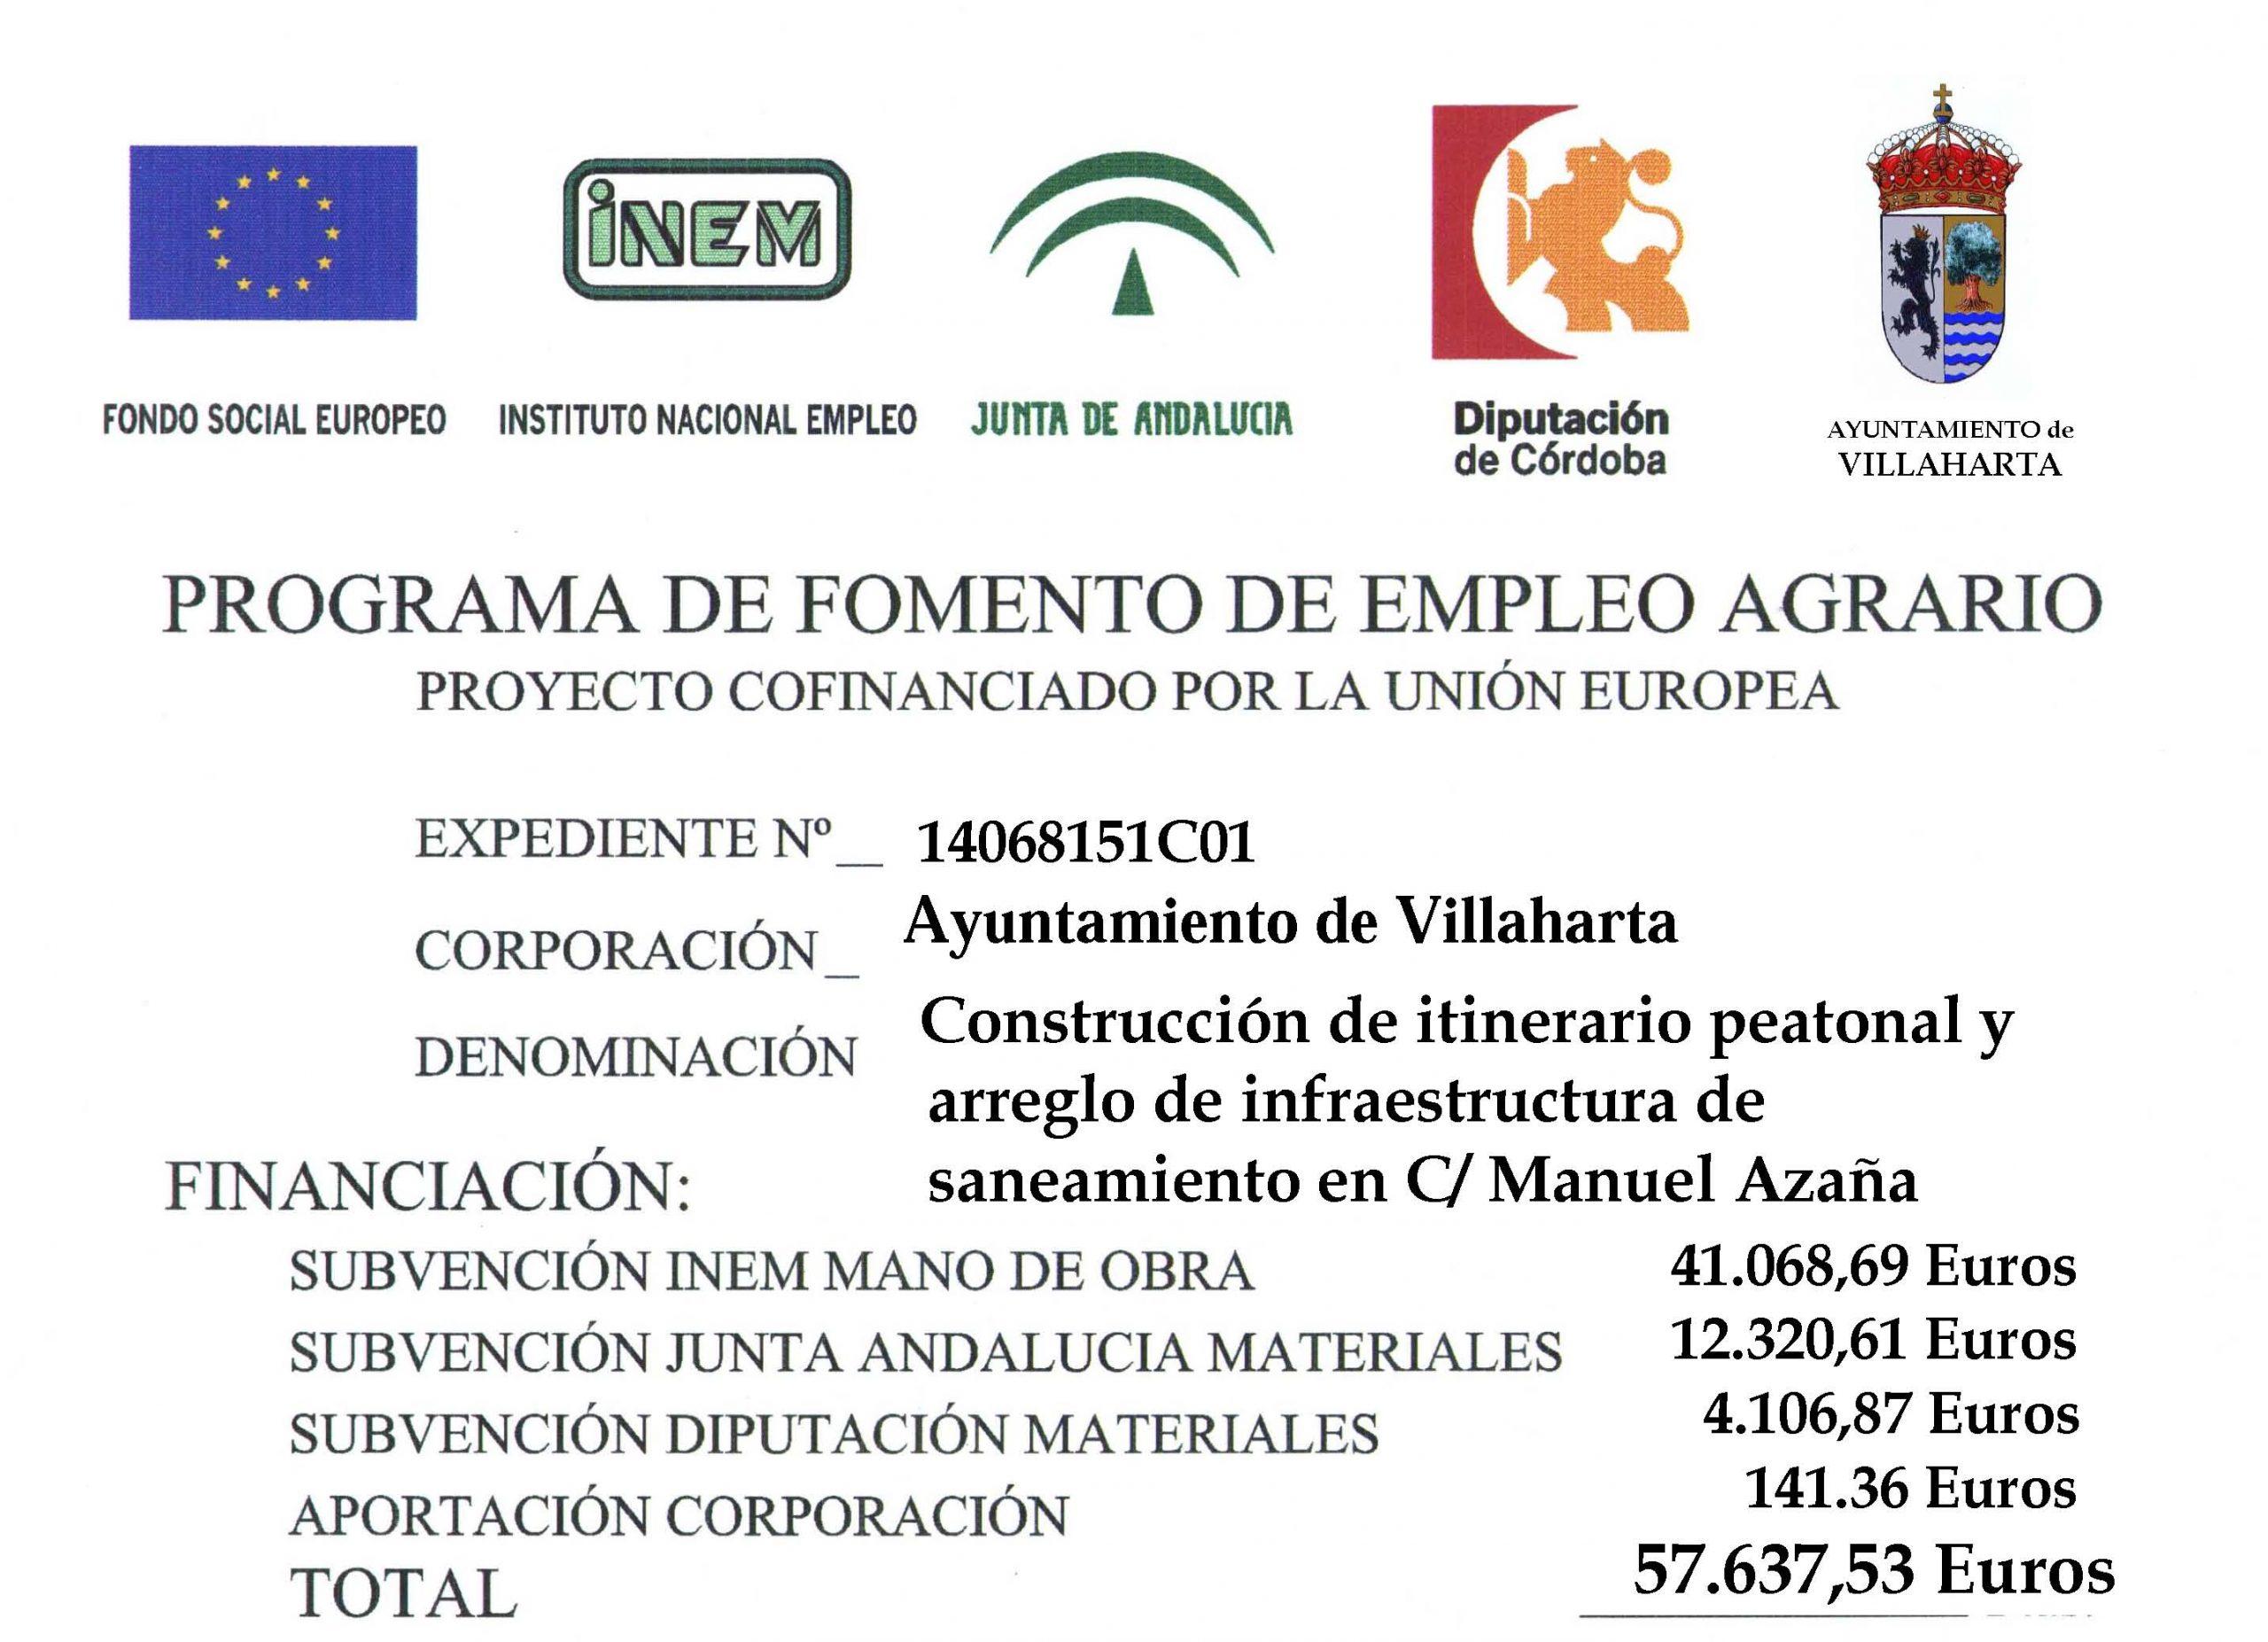 SUBVENCIONES RECIBIDAS. 2015 1